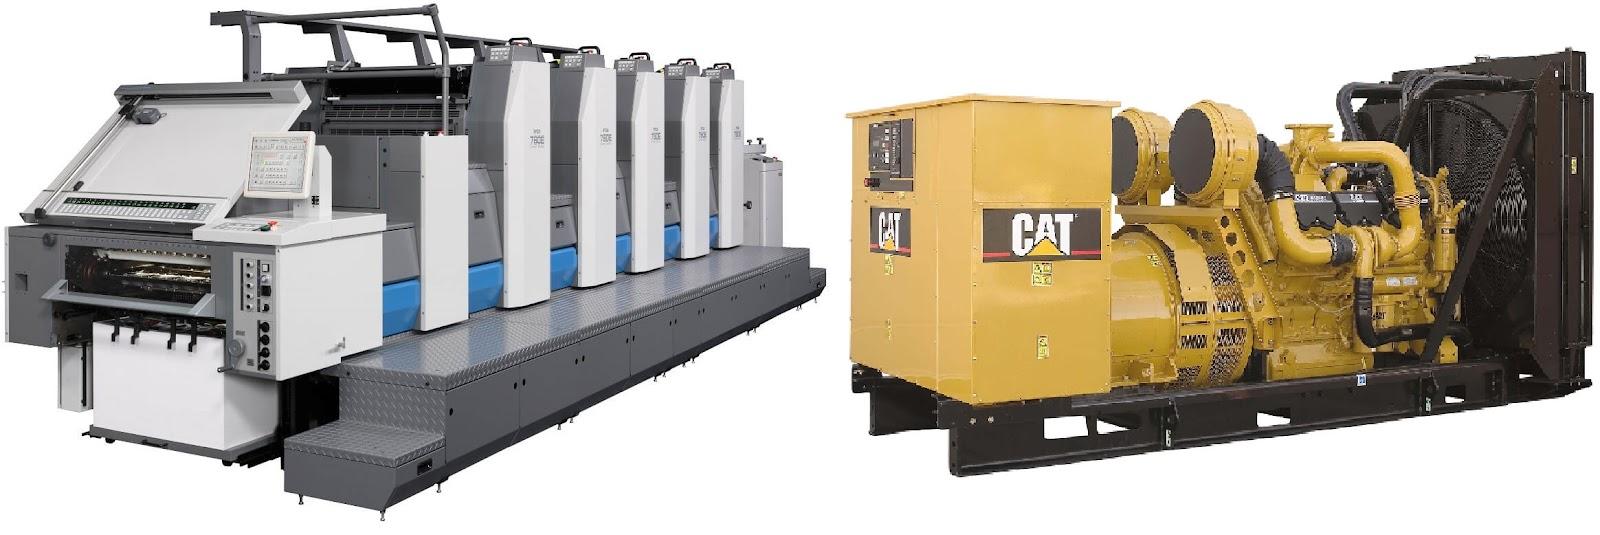 Перевозка тяжелых машин или погрузка оборудования